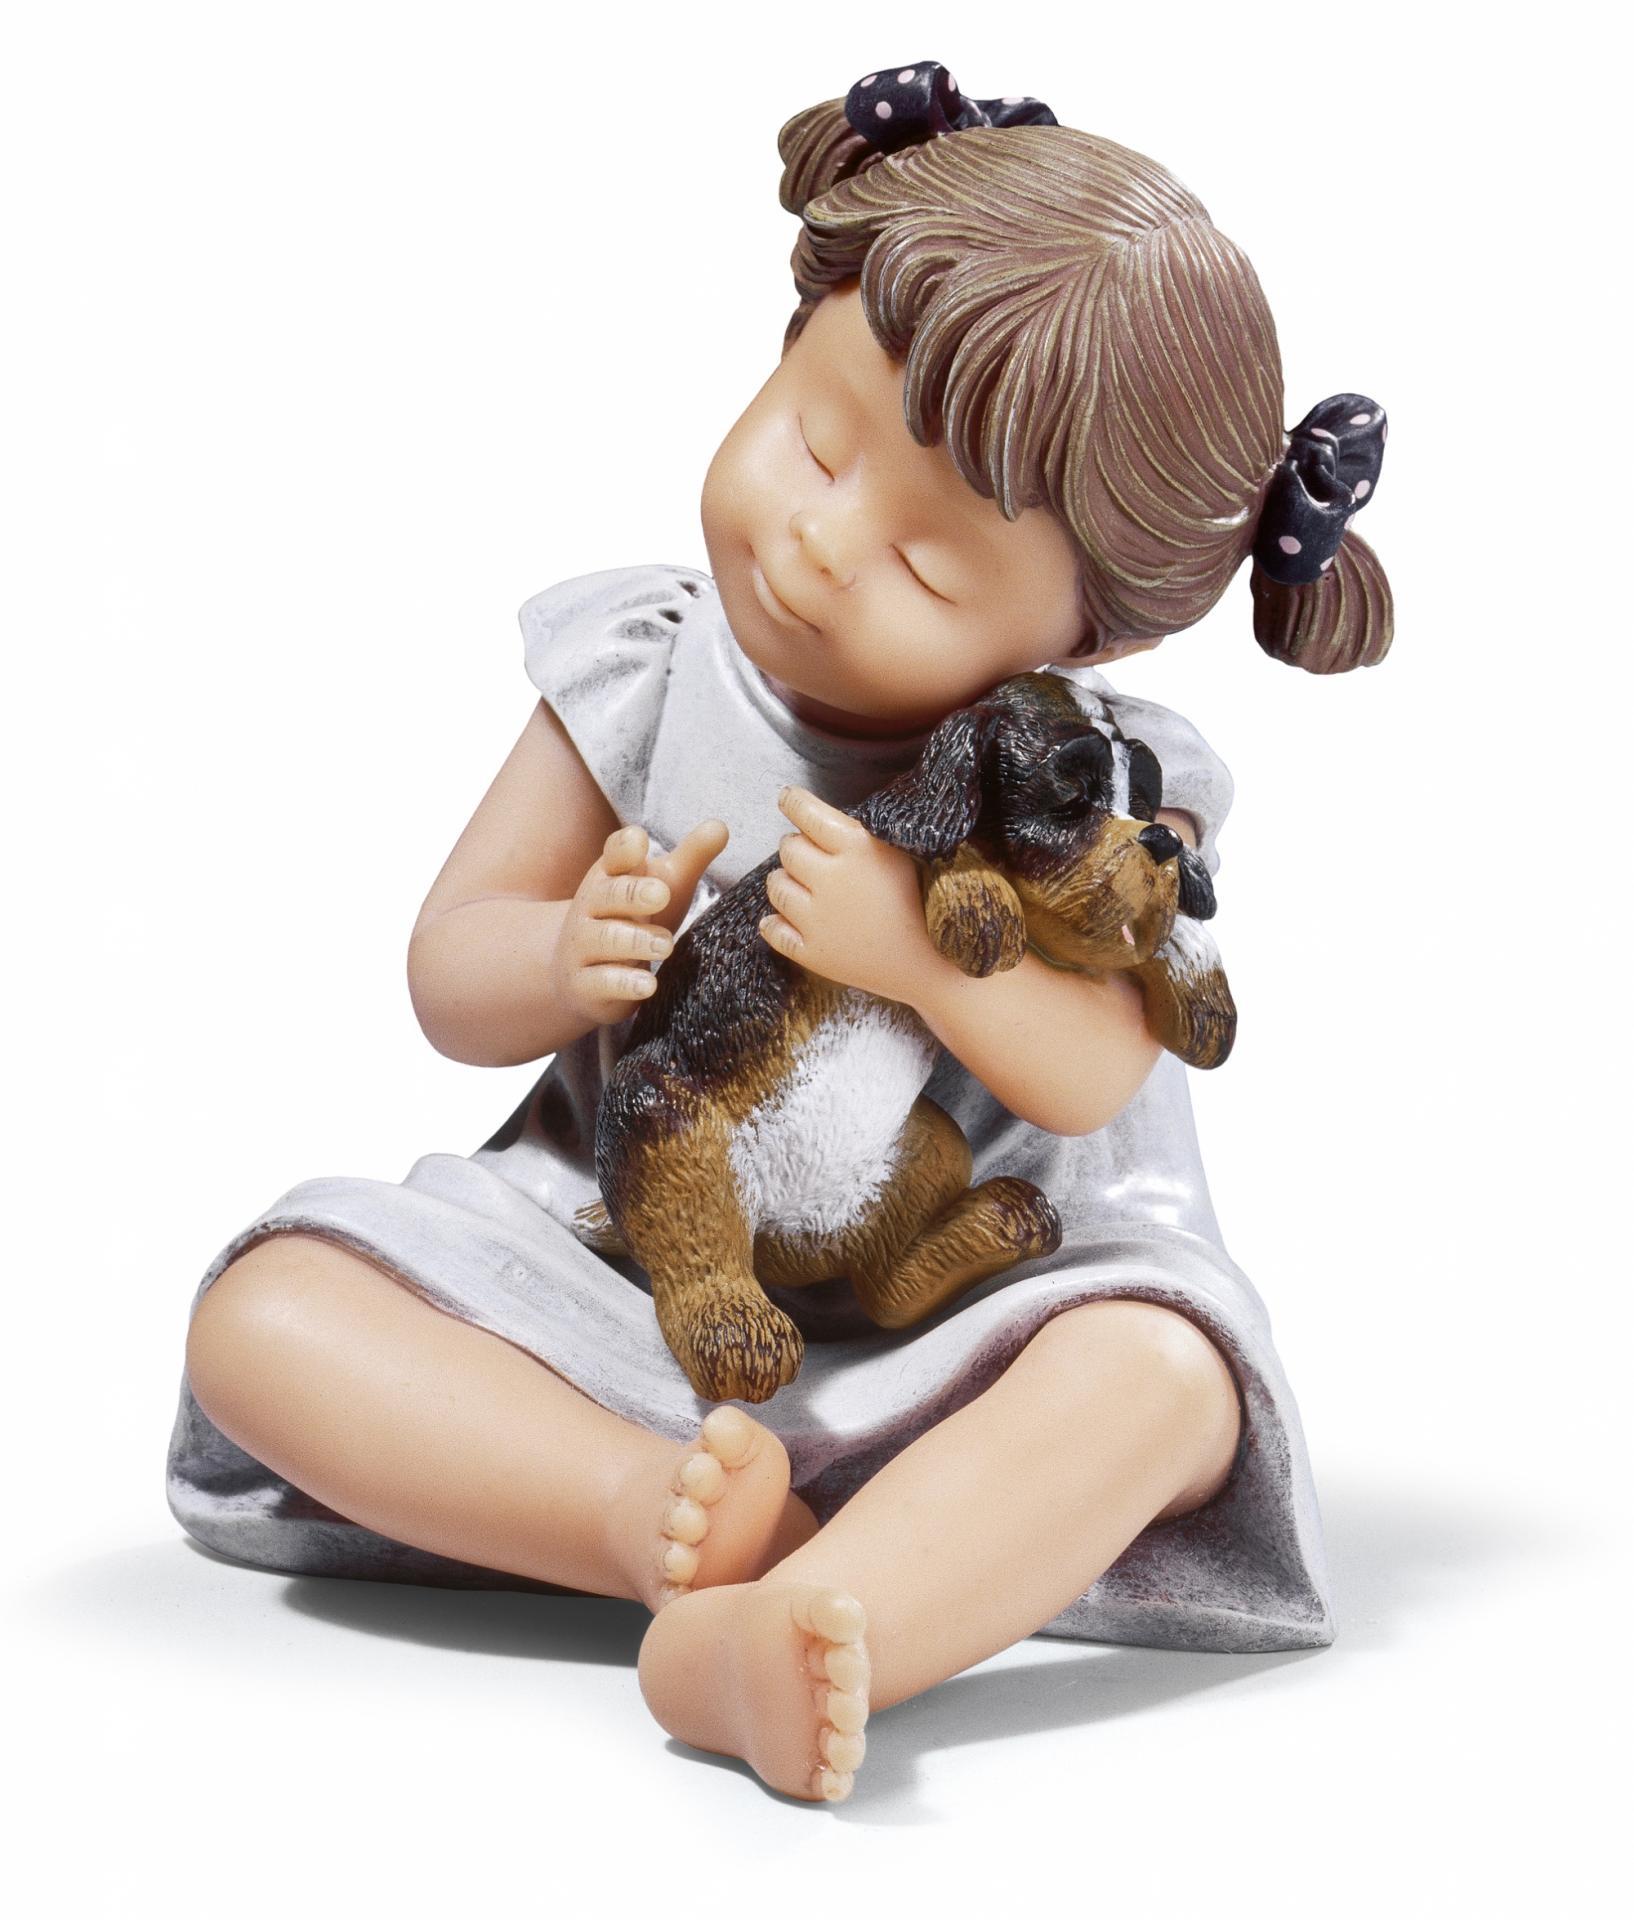 figura-doggi-nadal-estudio-arte-con-encanto-lomejorsg.jpg